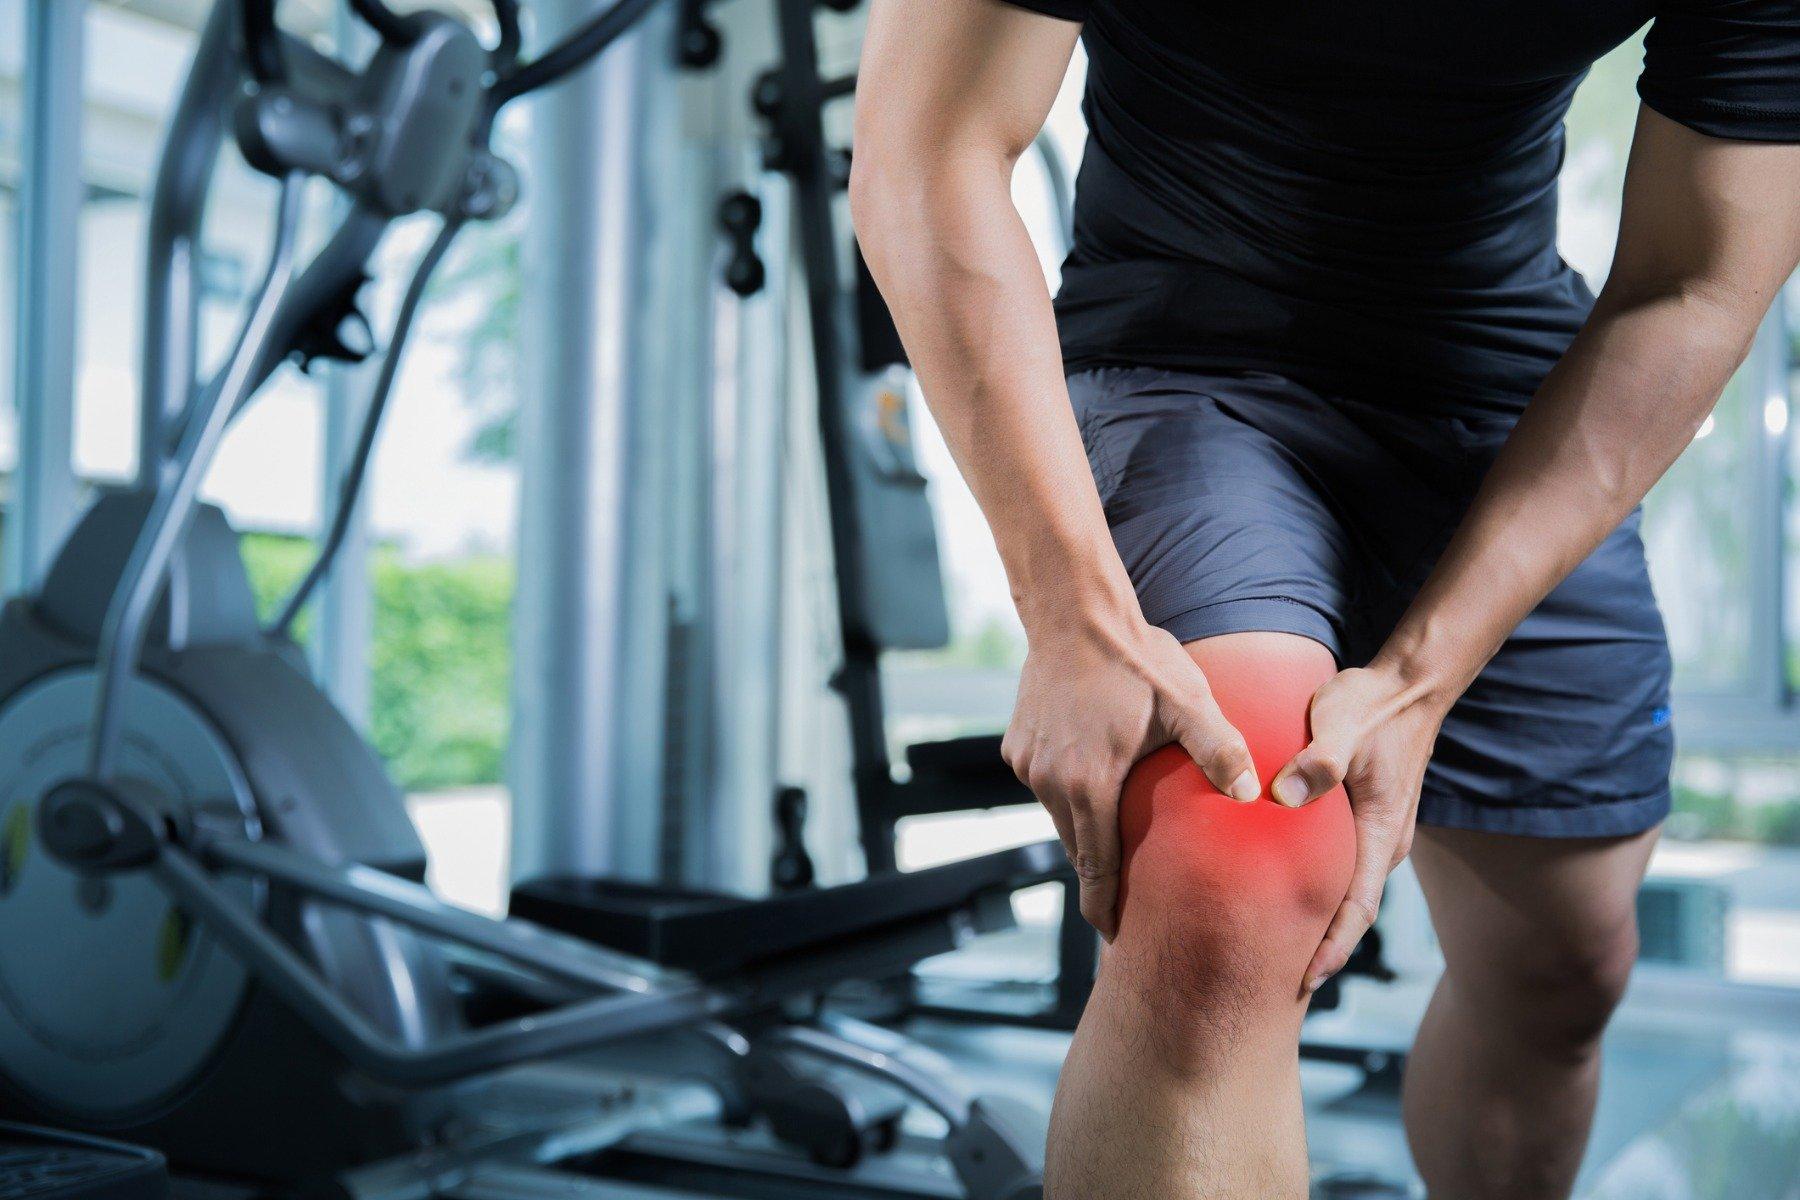 használhatók-e a guggolás ízületi fájdalmak esetén